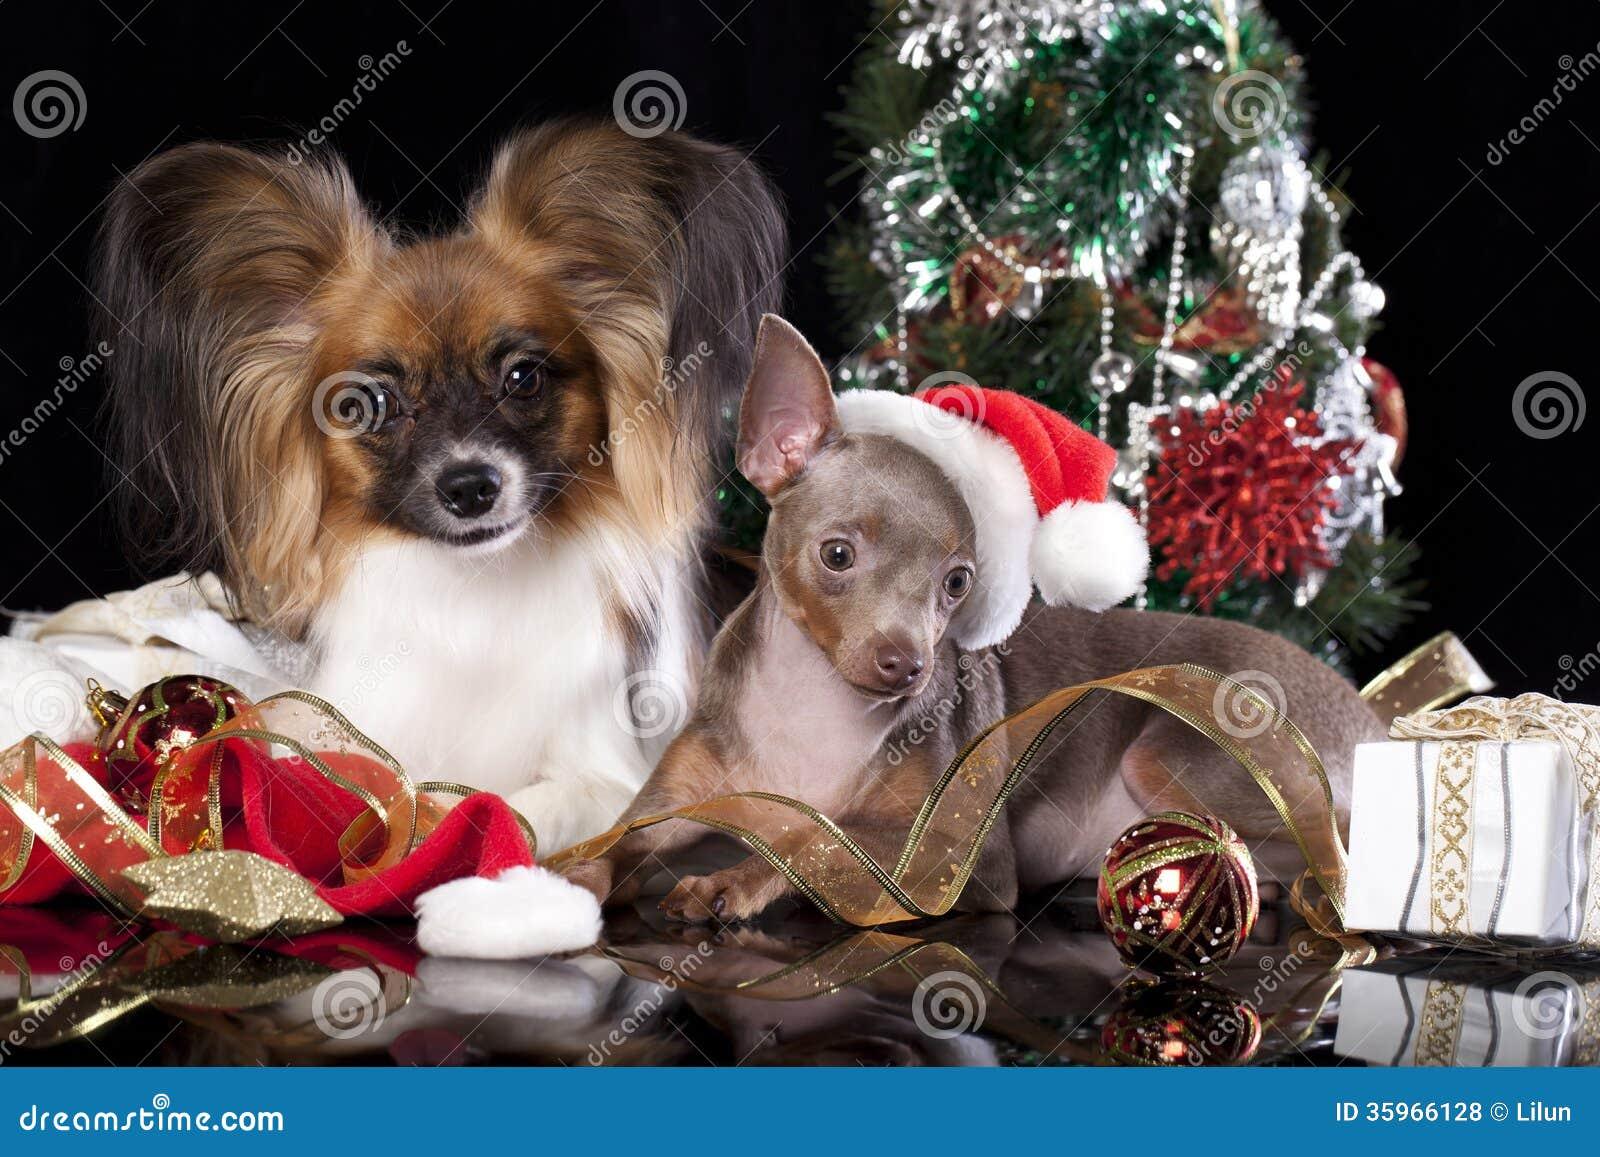 Perros Papillon y Toy Terrier